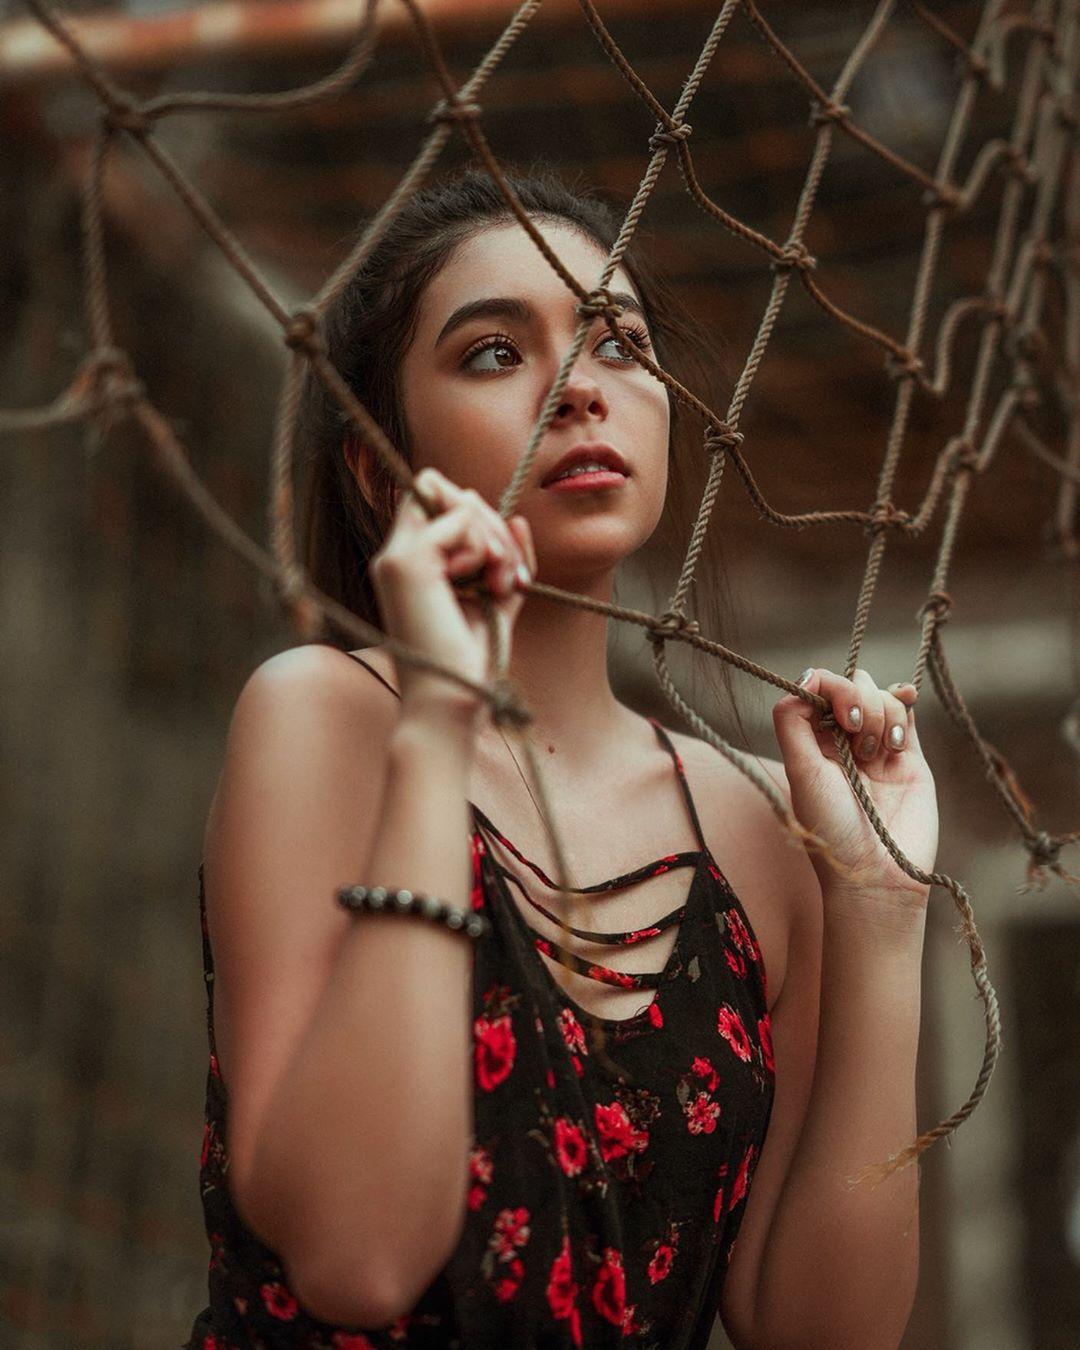 Чувственные снимки девушек от Марко Антонио